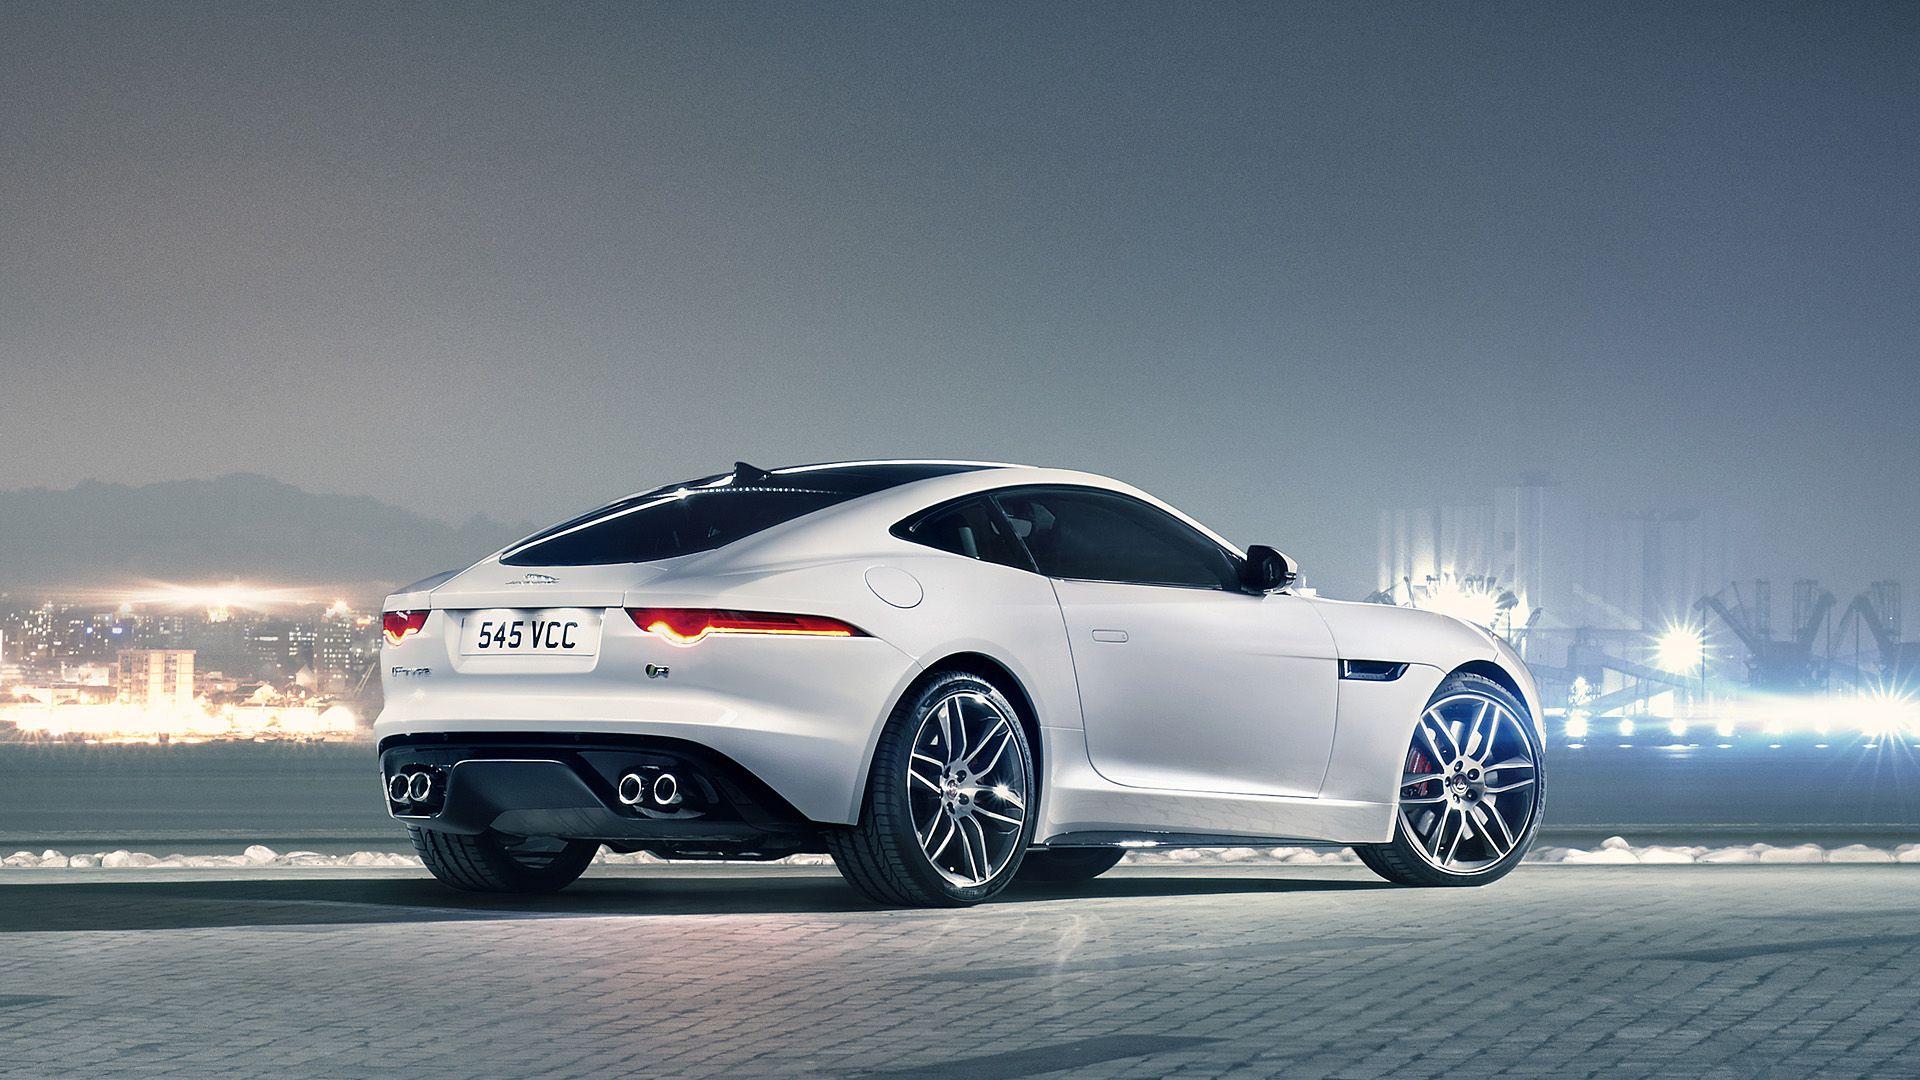 18 Jaguar Cars Wallpaper Desktop On Wallpapersafari